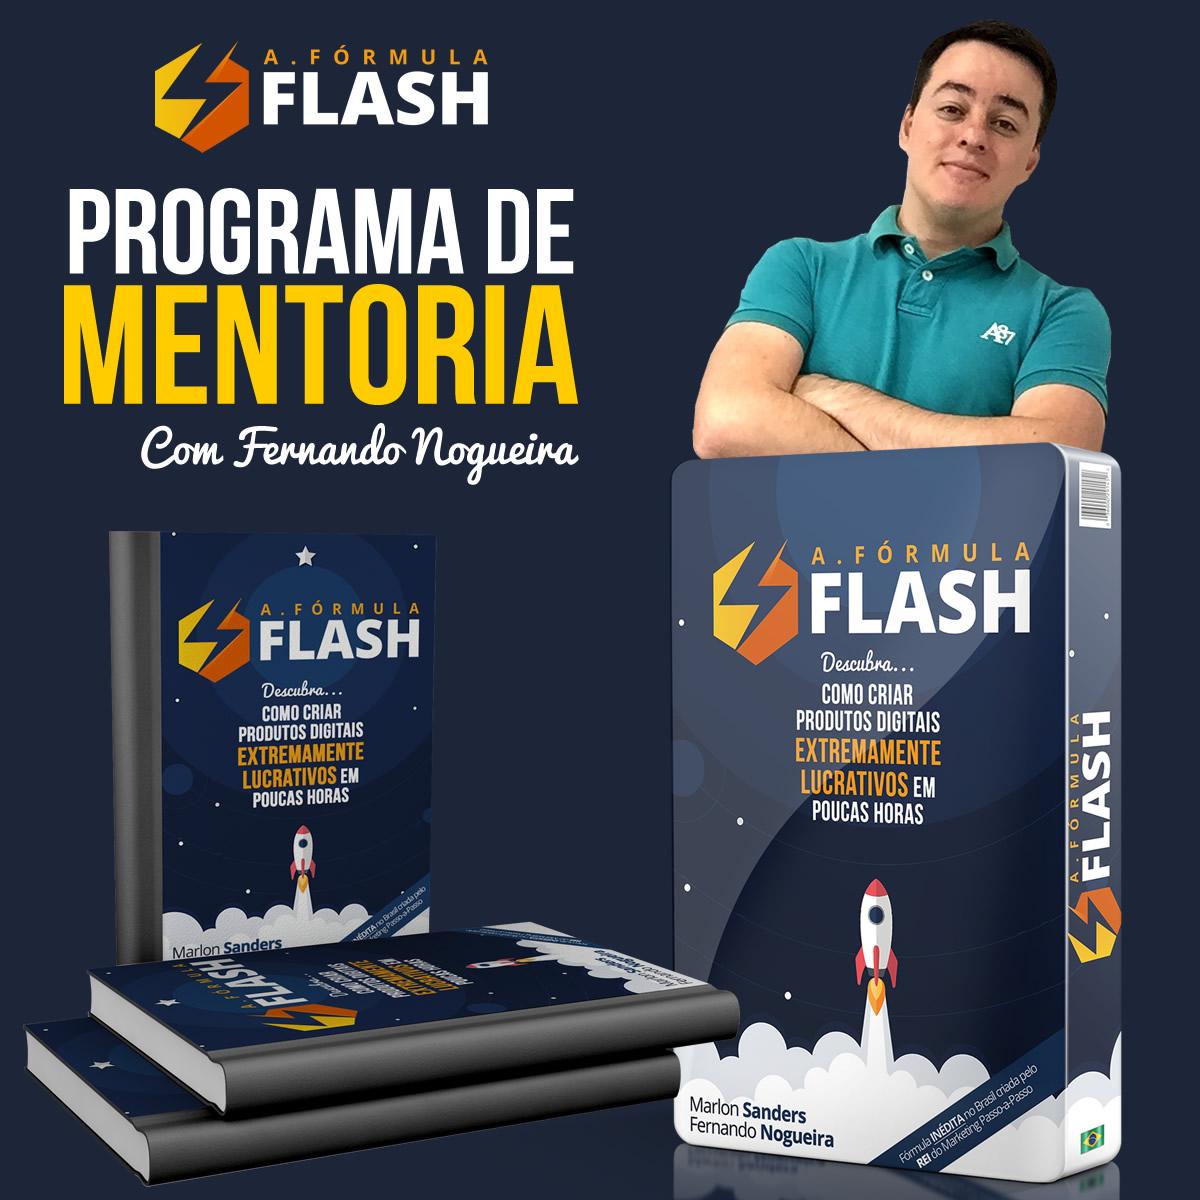 A Fórmula Flash - Programa de Mentoria com Fernando Nogueira